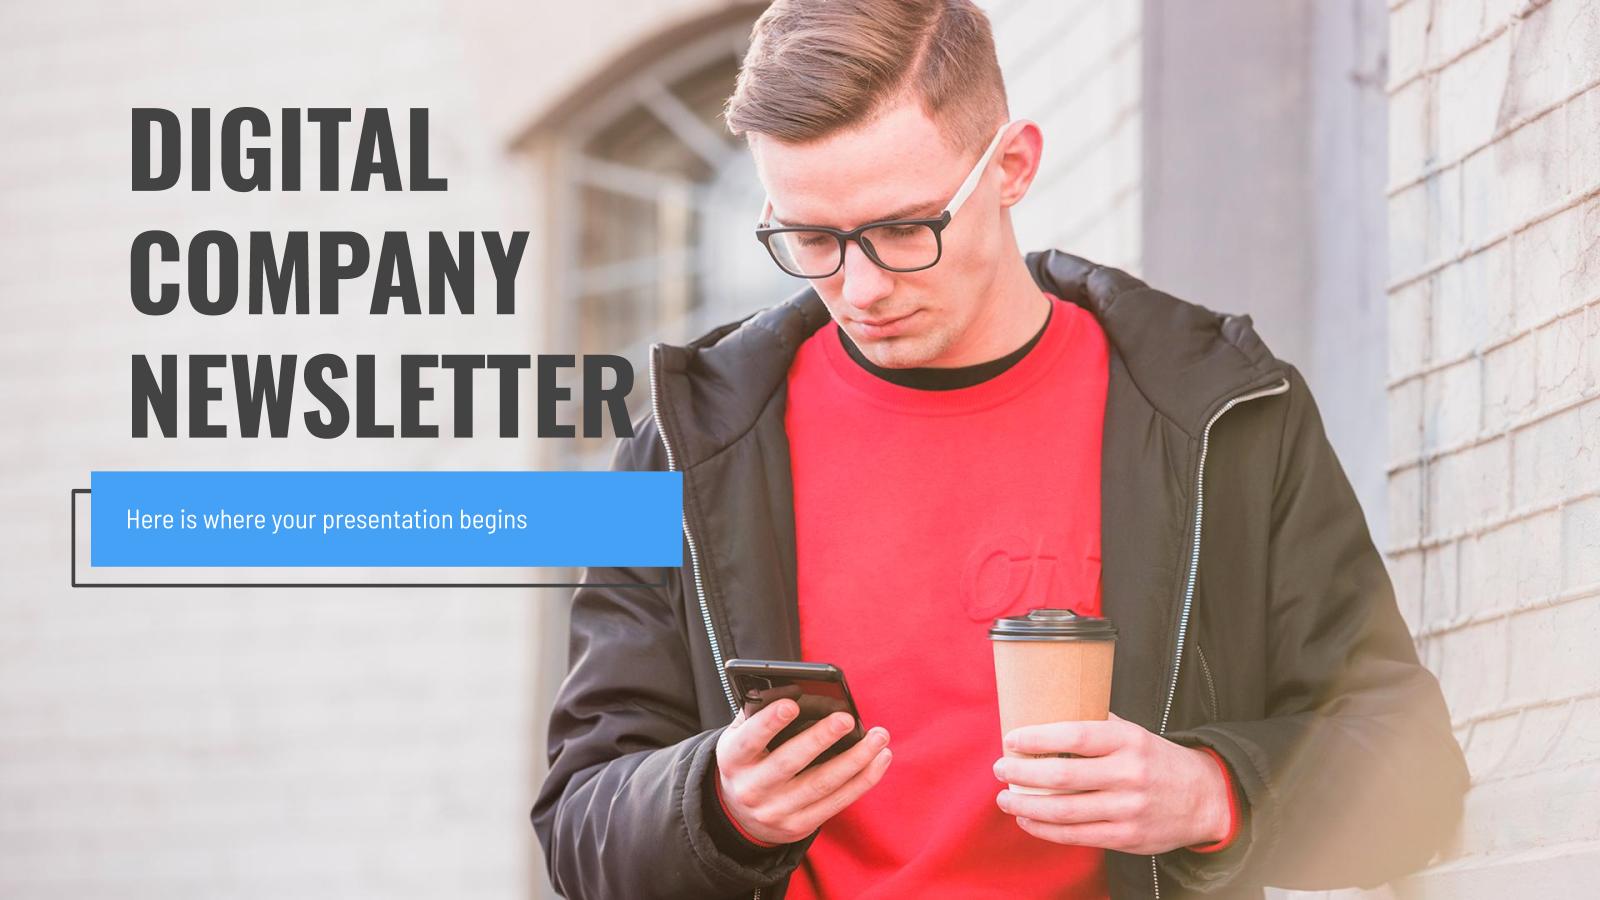 Modelo de apresentação Newsletter corporativo digital